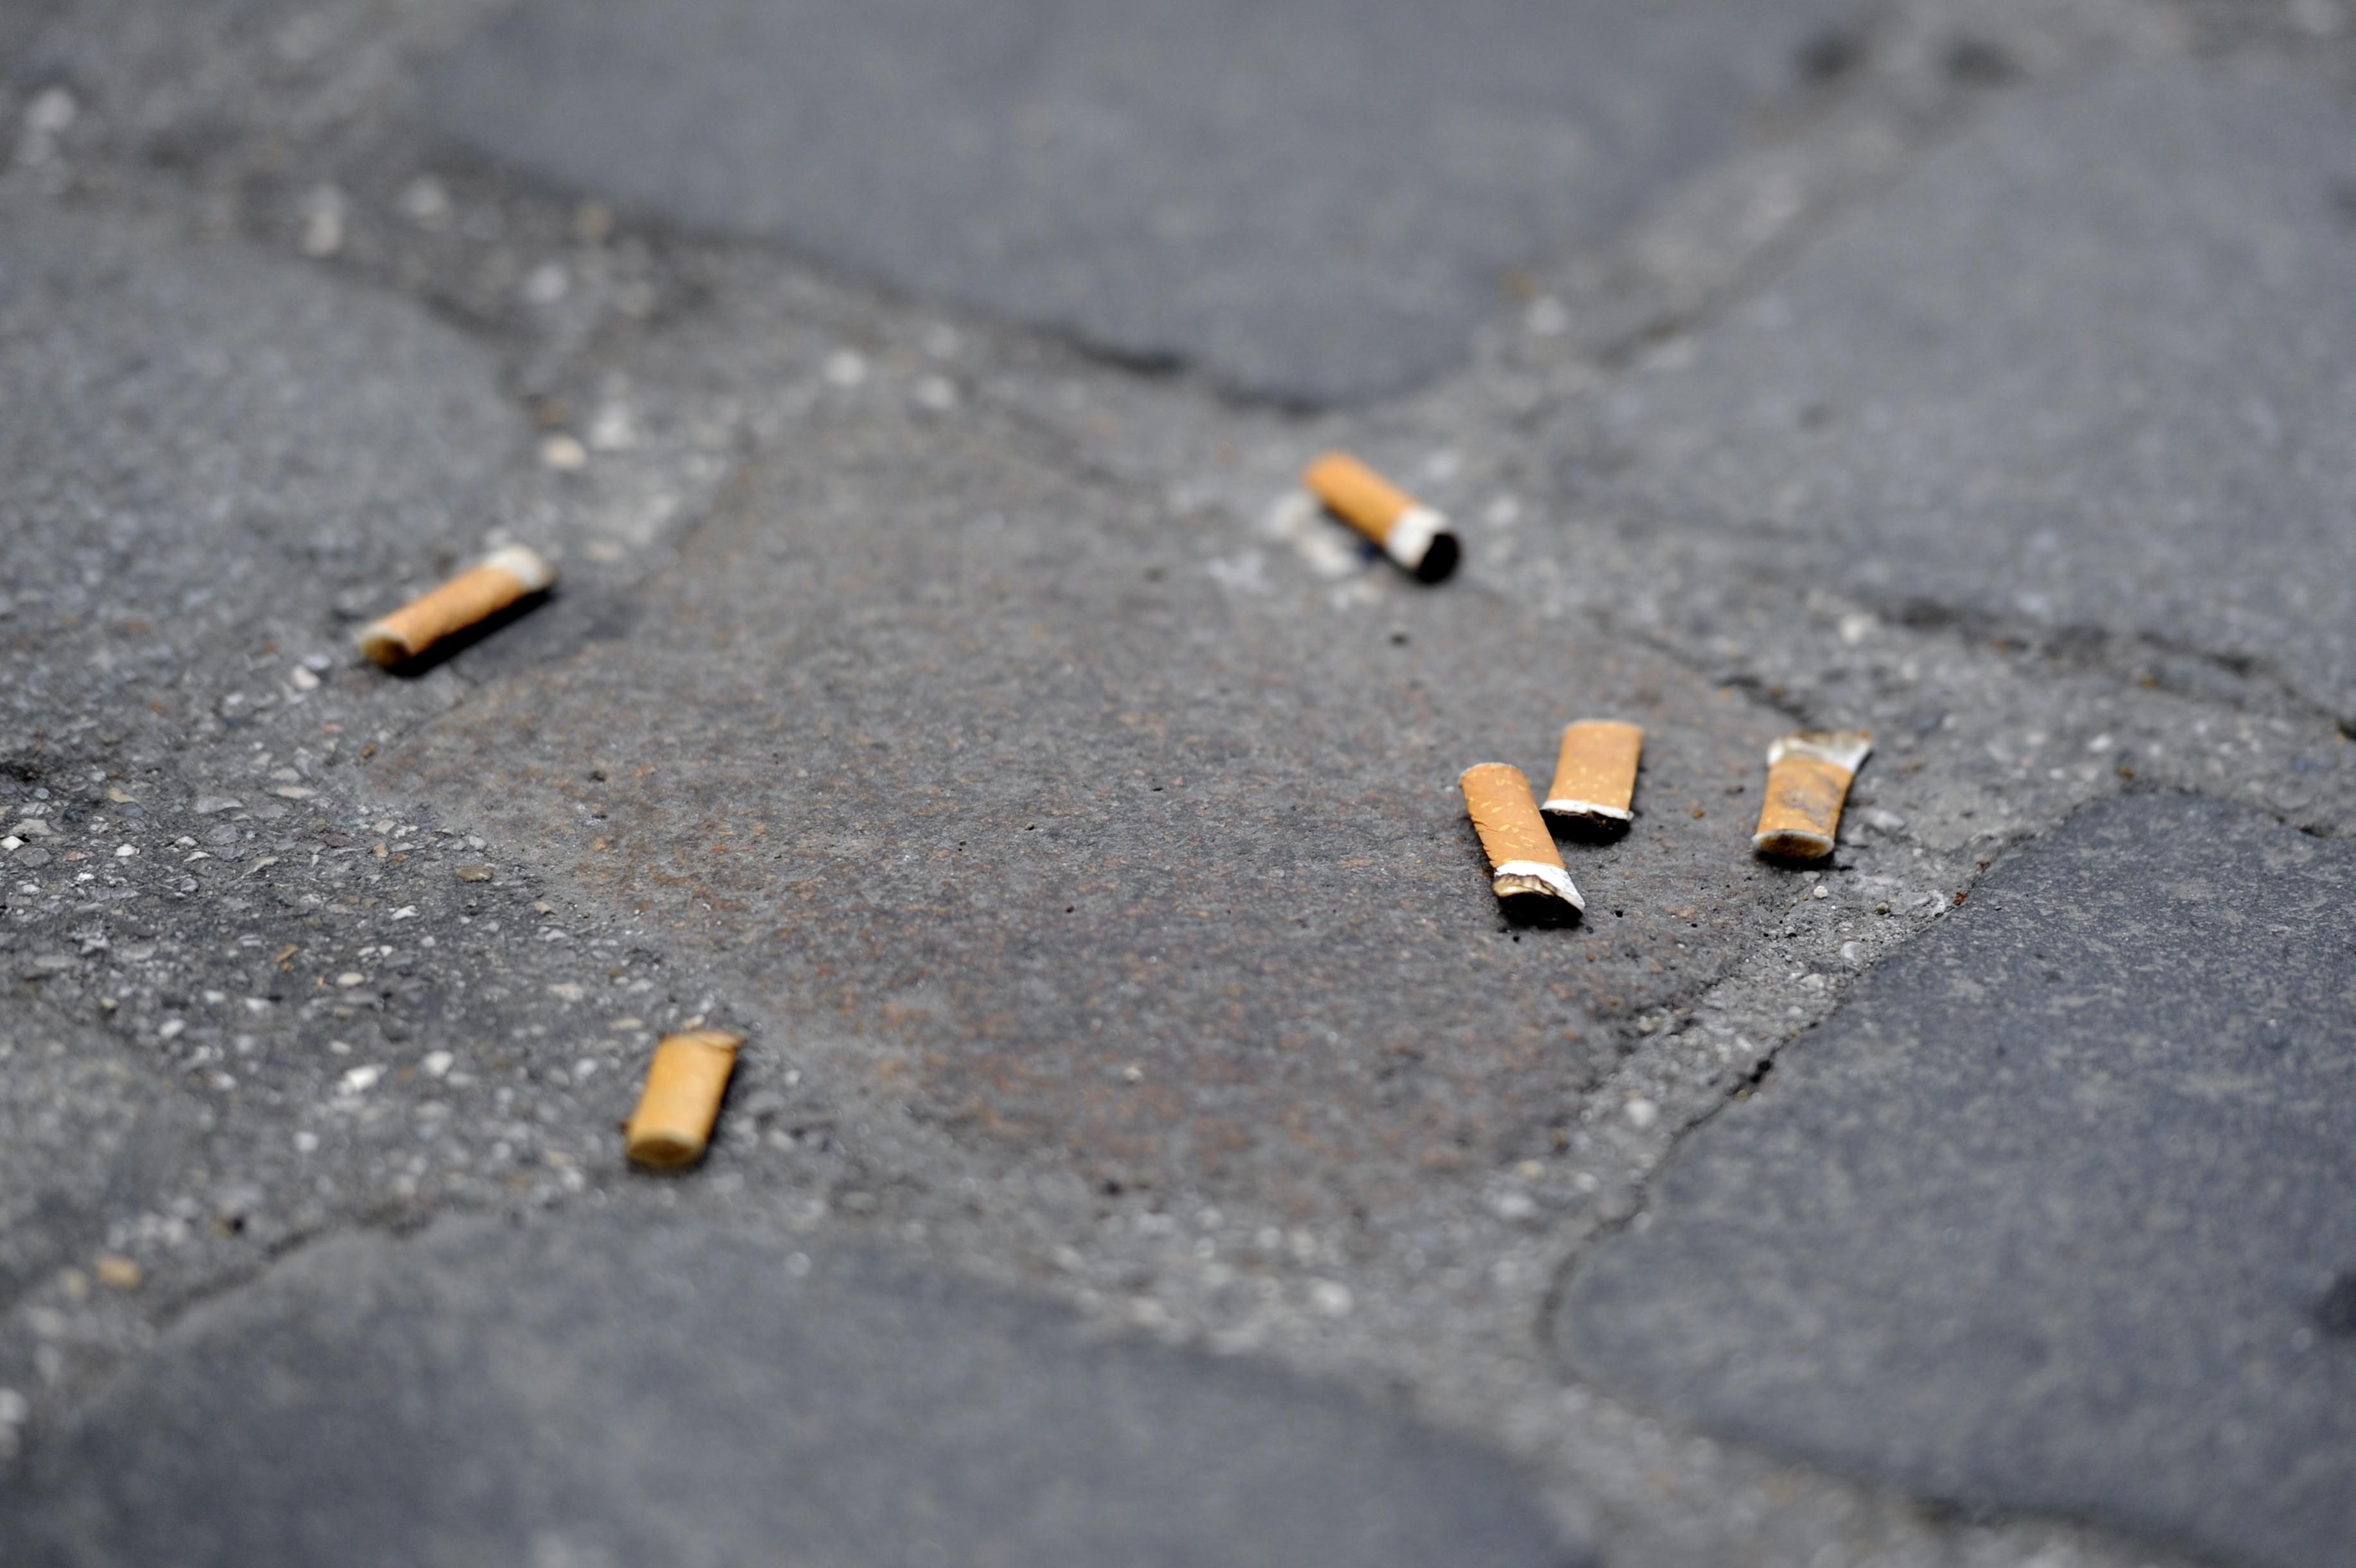 So klein, aber doch so umweltschädlich: Auch wer Zigarettenkippen auf die Straße wirft, soll nach Vorstellung der SPD notfalls mit Bußgeldern bestraft werden. Symbolfoto: Tobias Hase/dpa